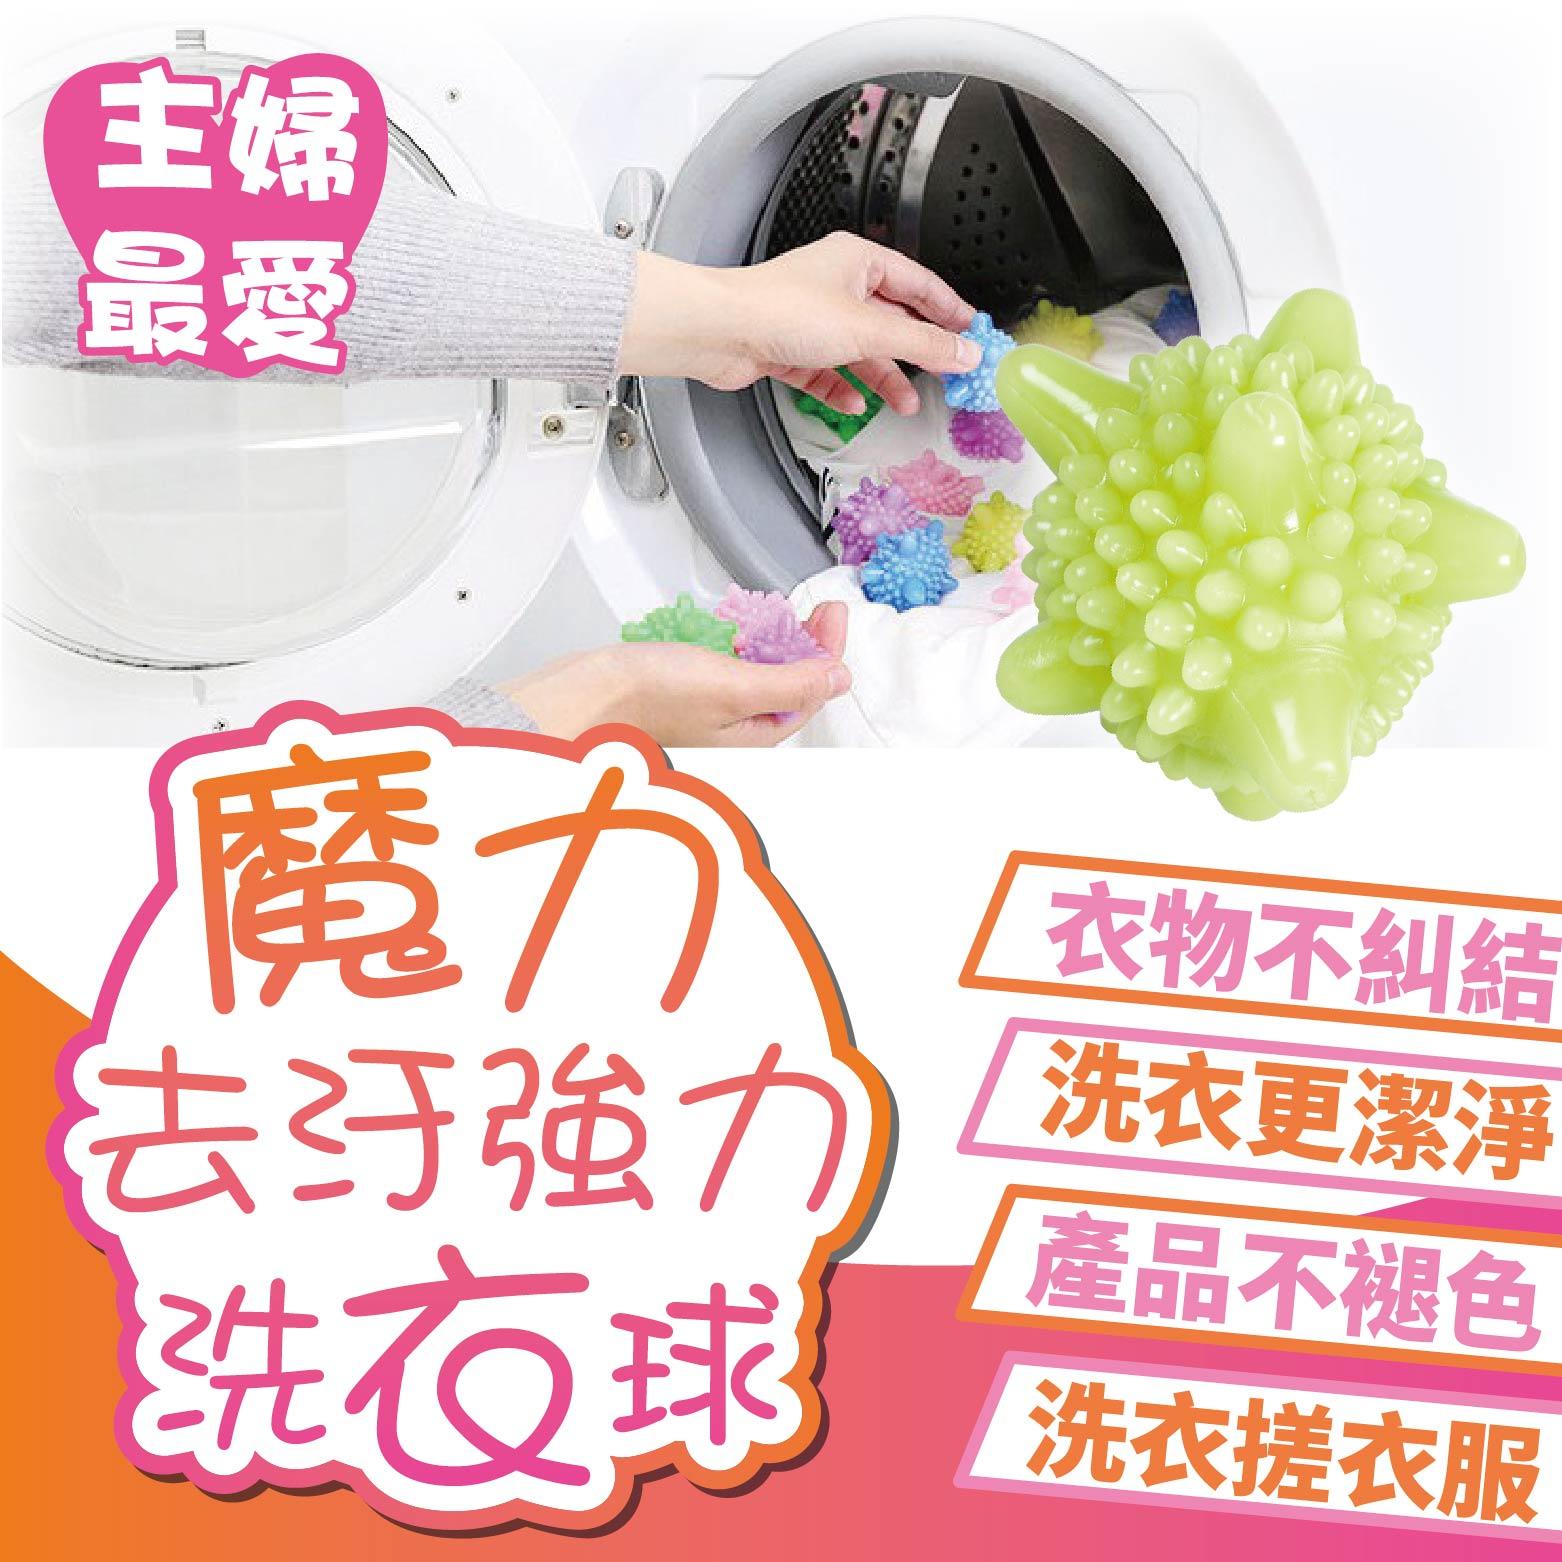 【百寶袋】魔力洗衣球 防纏繞清潔球 洗衣機球 護洗球 清潔球 洗衣球 洗護球【BE214】